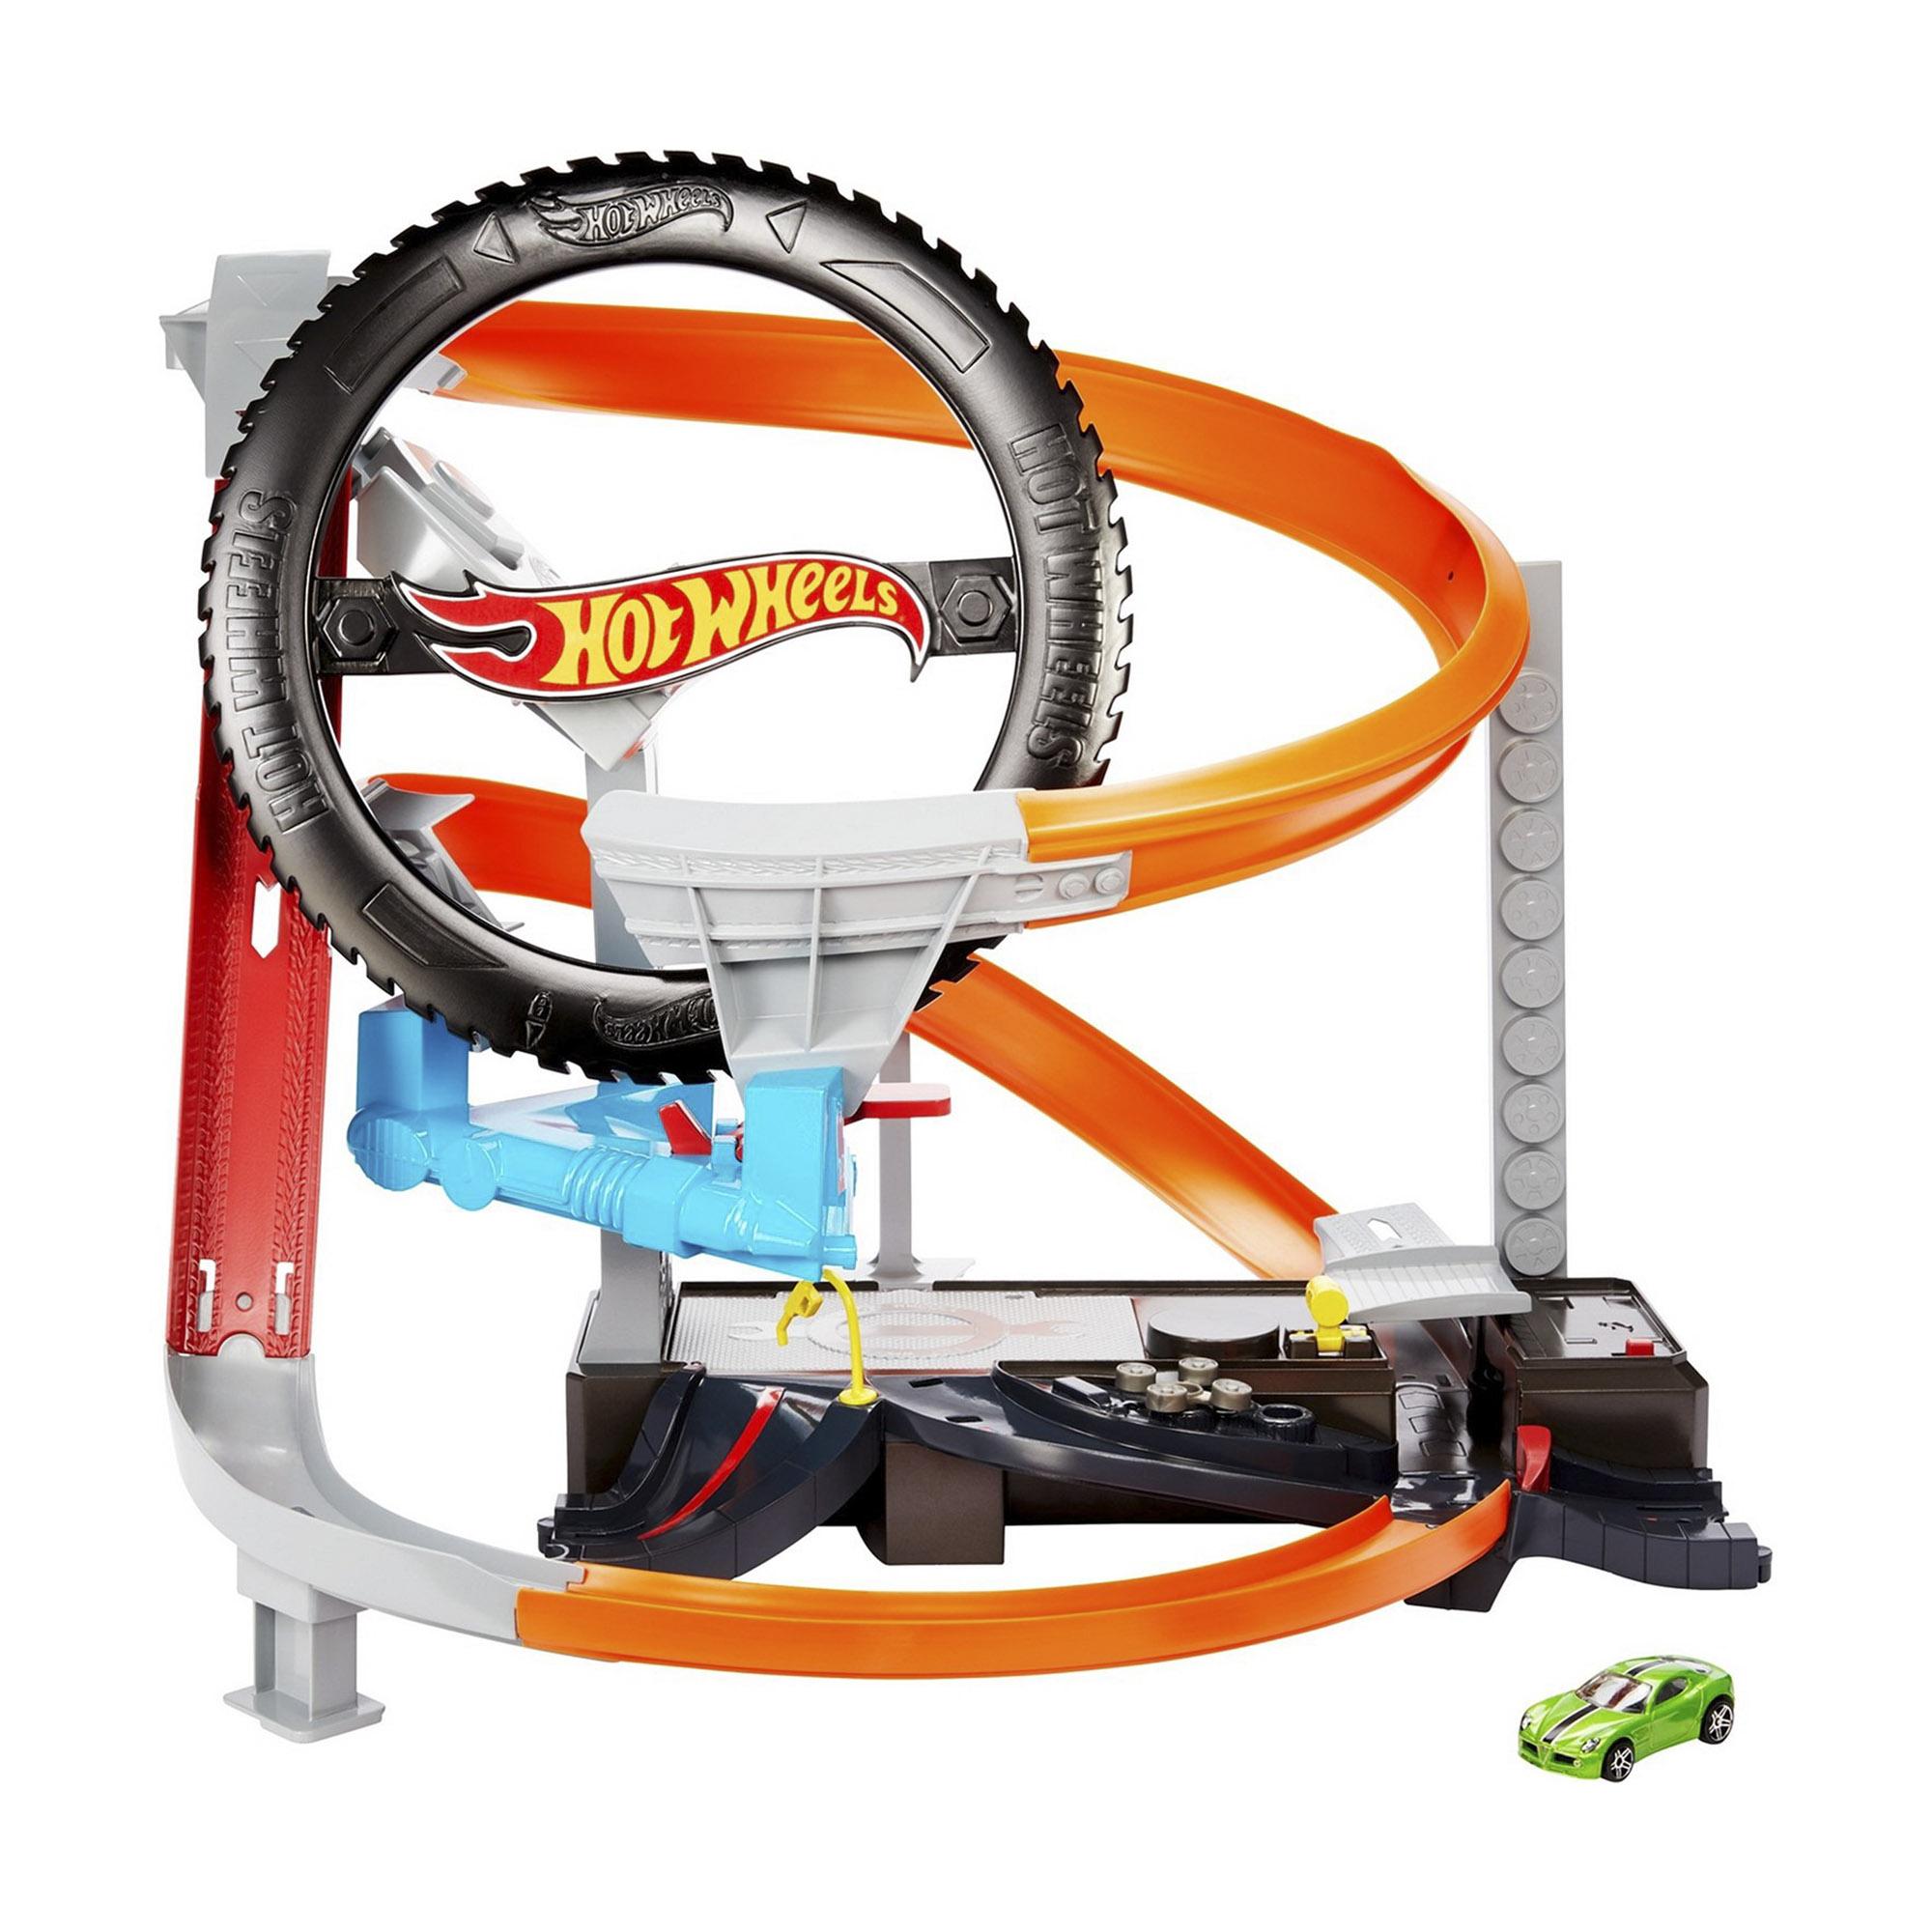 Набор игровой Hot Wheels Сити Шиномонтажная мастерская машины mattel hot wheels сити игровой набор шиномонтажная мастерская